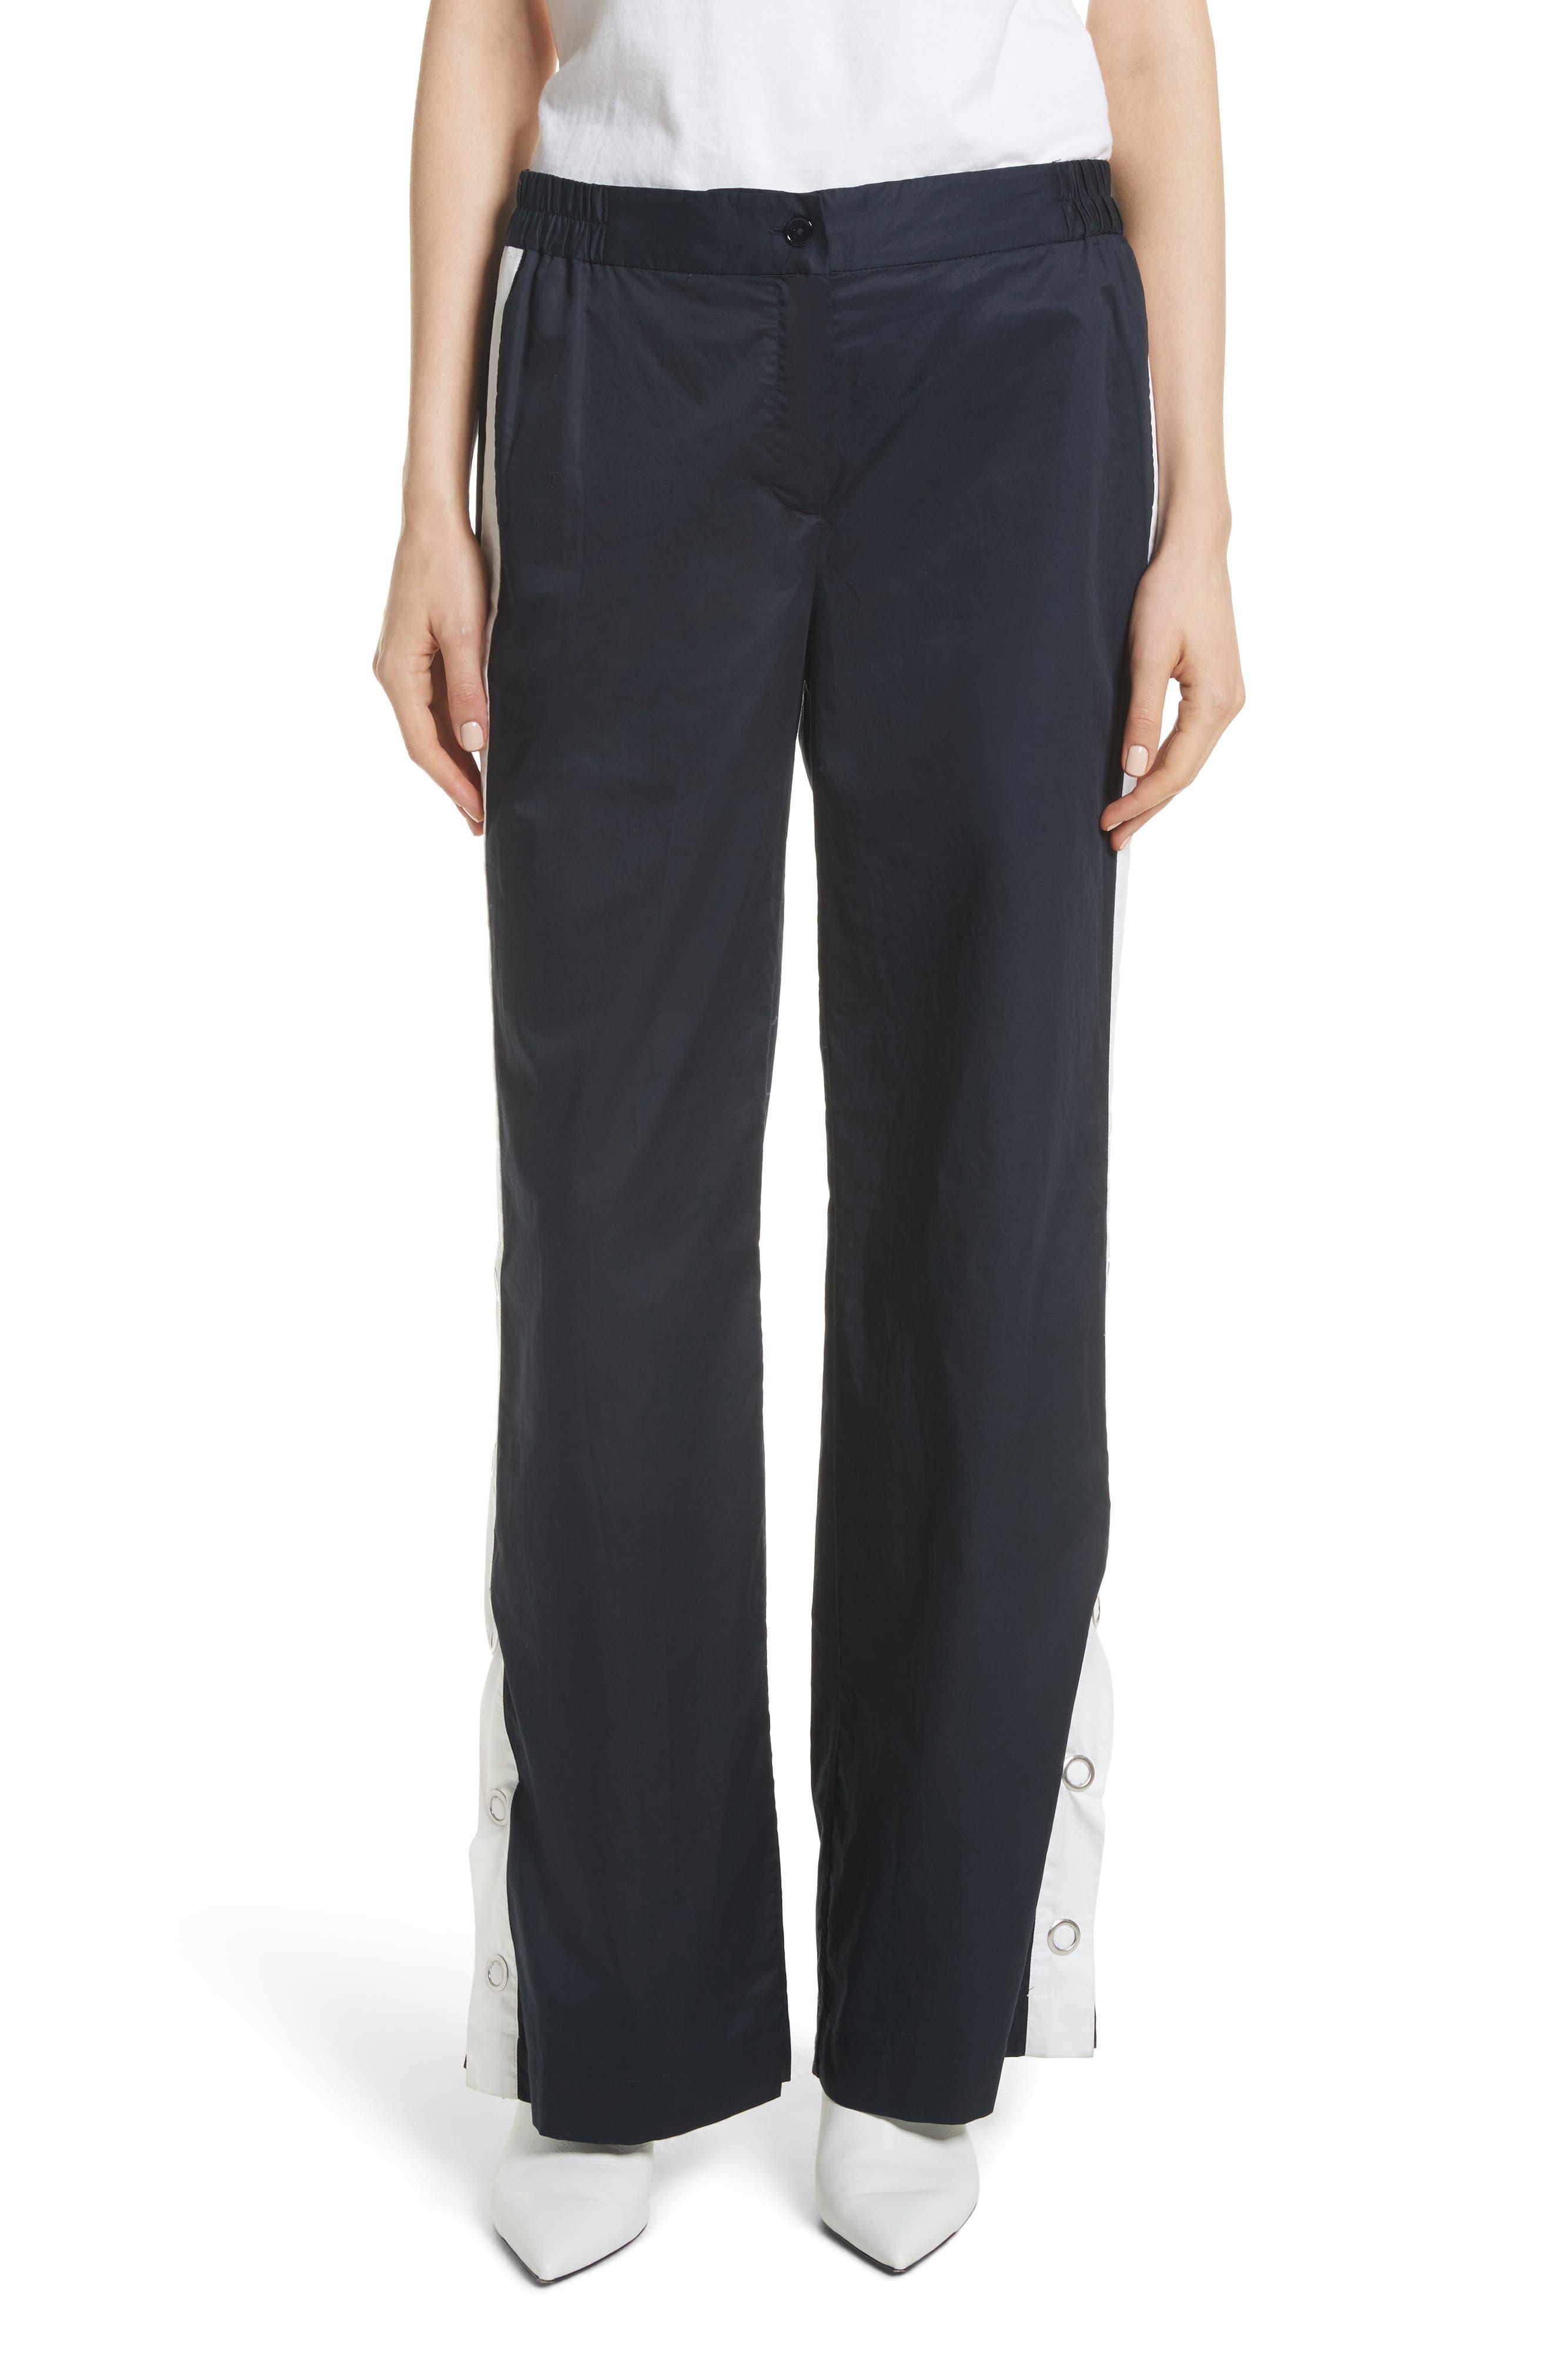 Arwen Wide Leg Cotton Pants,                             Main thumbnail 1, color,                             005